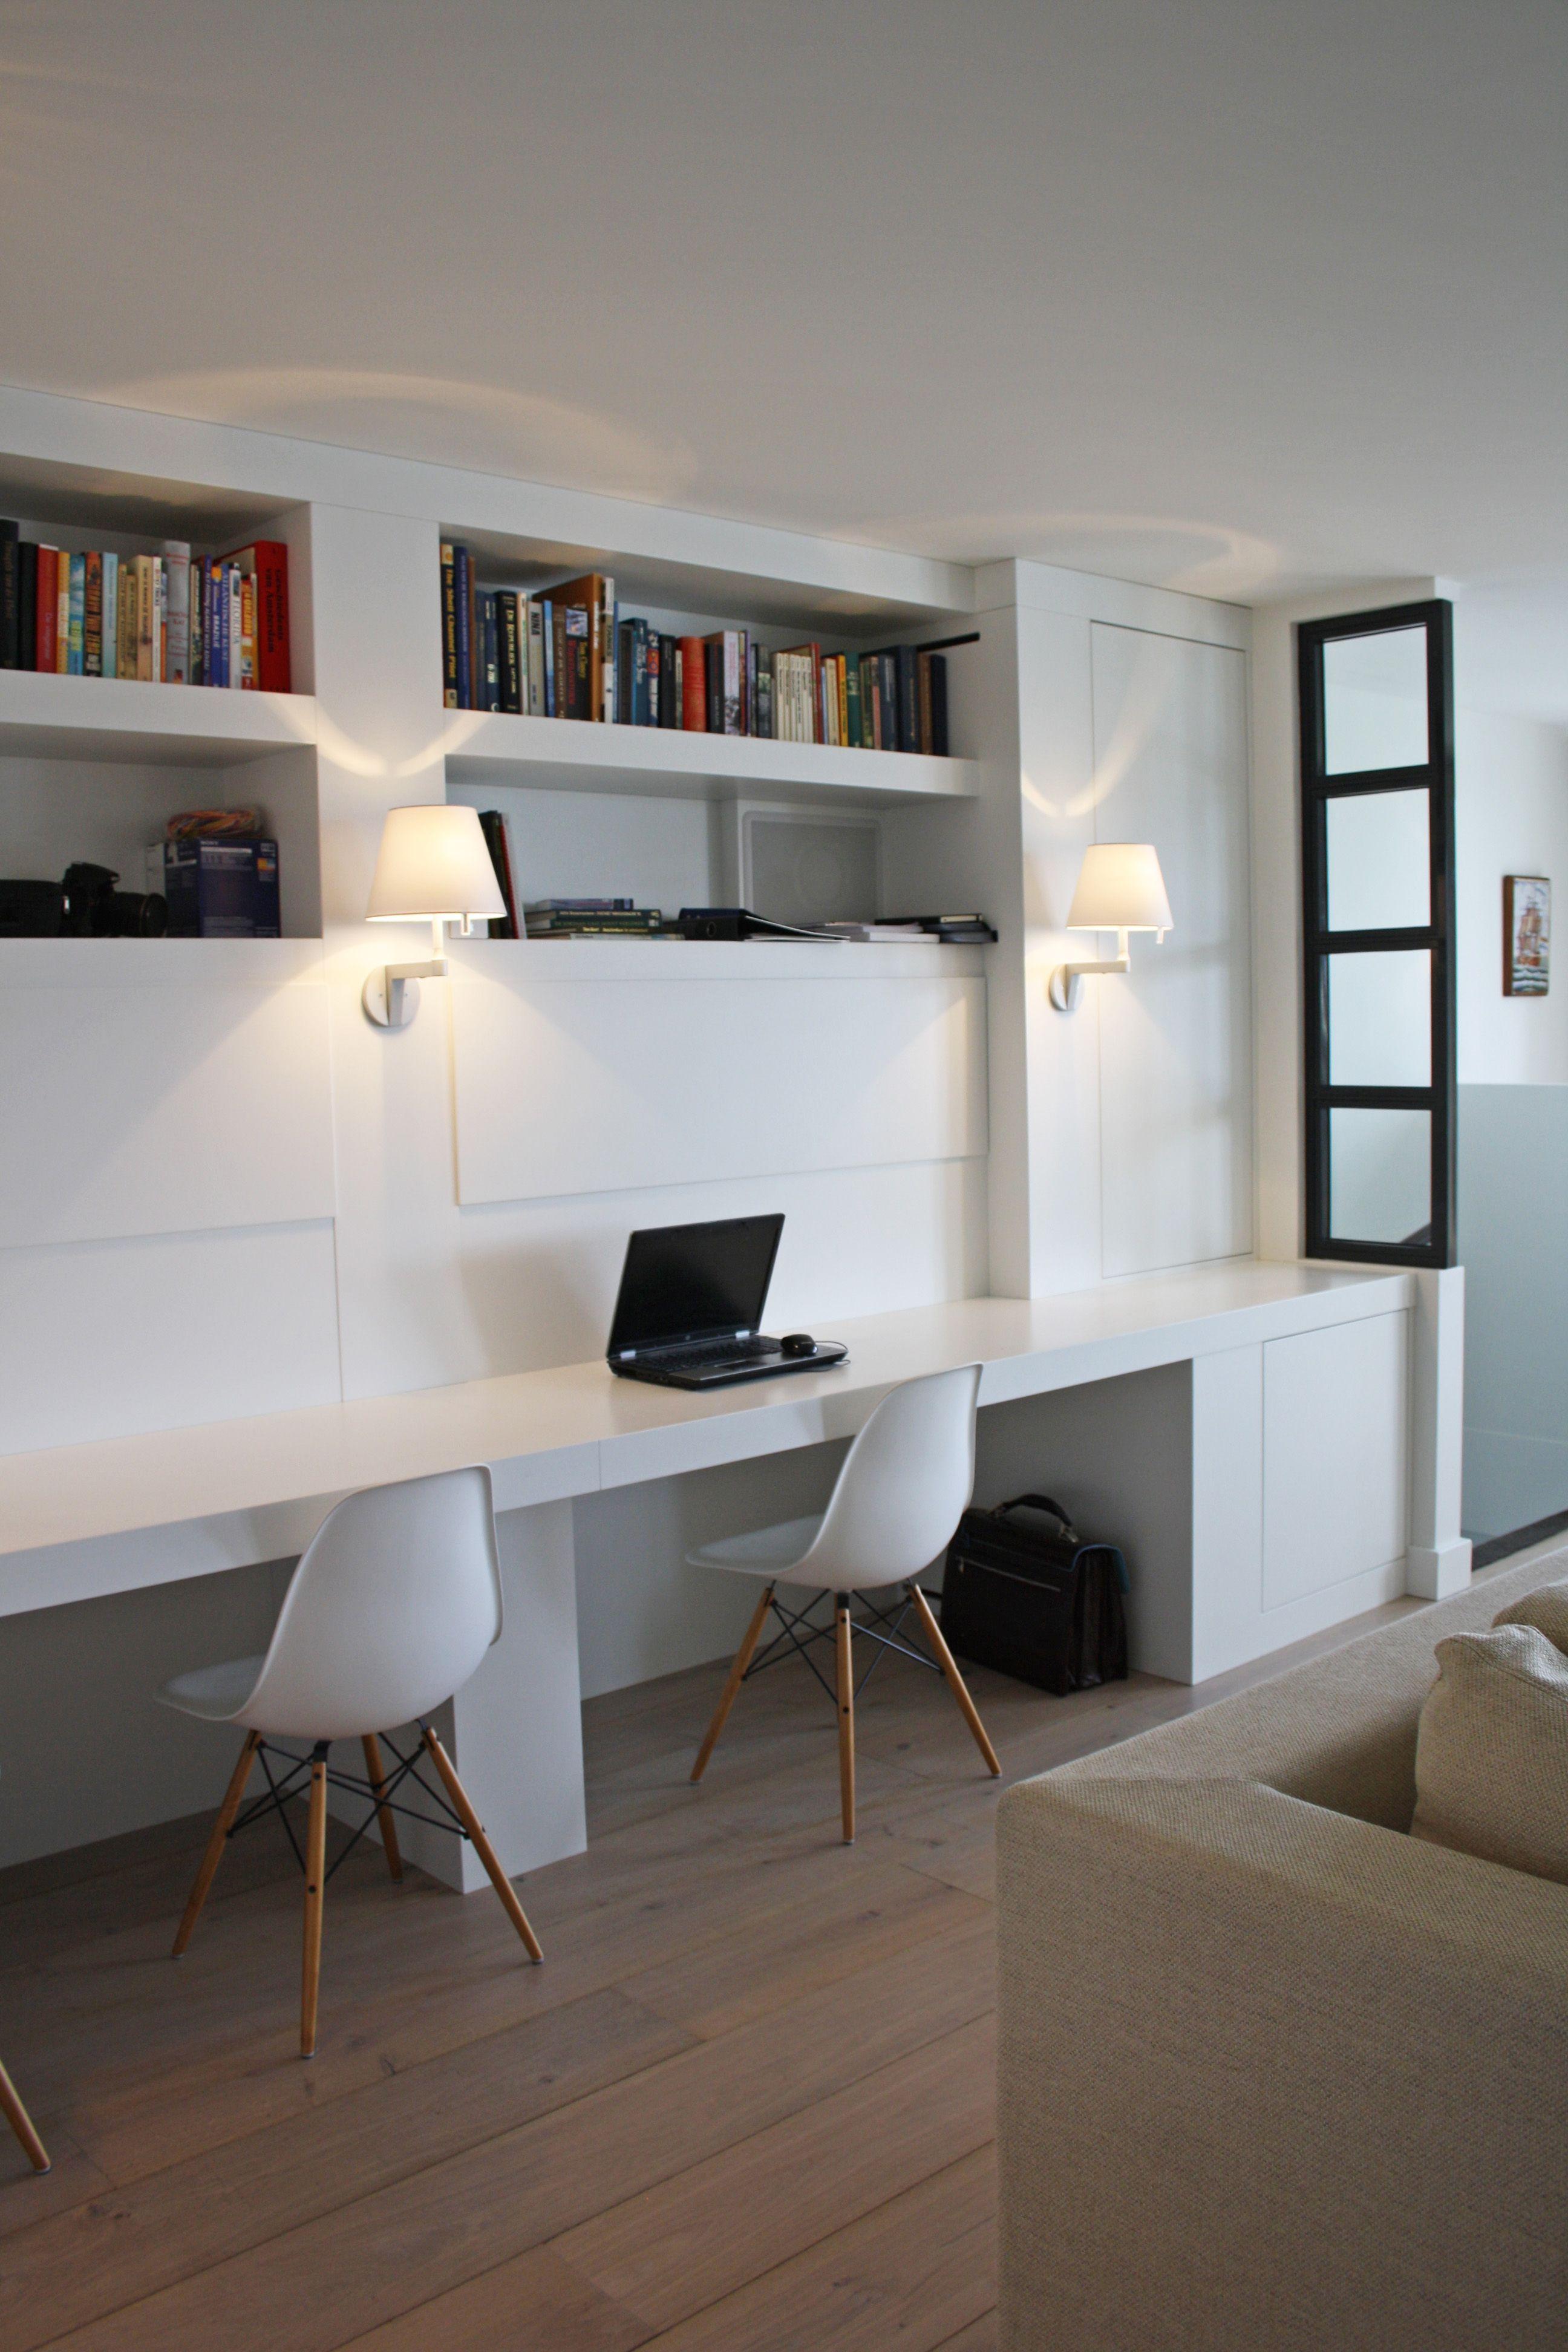 werkplek in de woonkamer - wandlampen - glazen scheidingswand ...